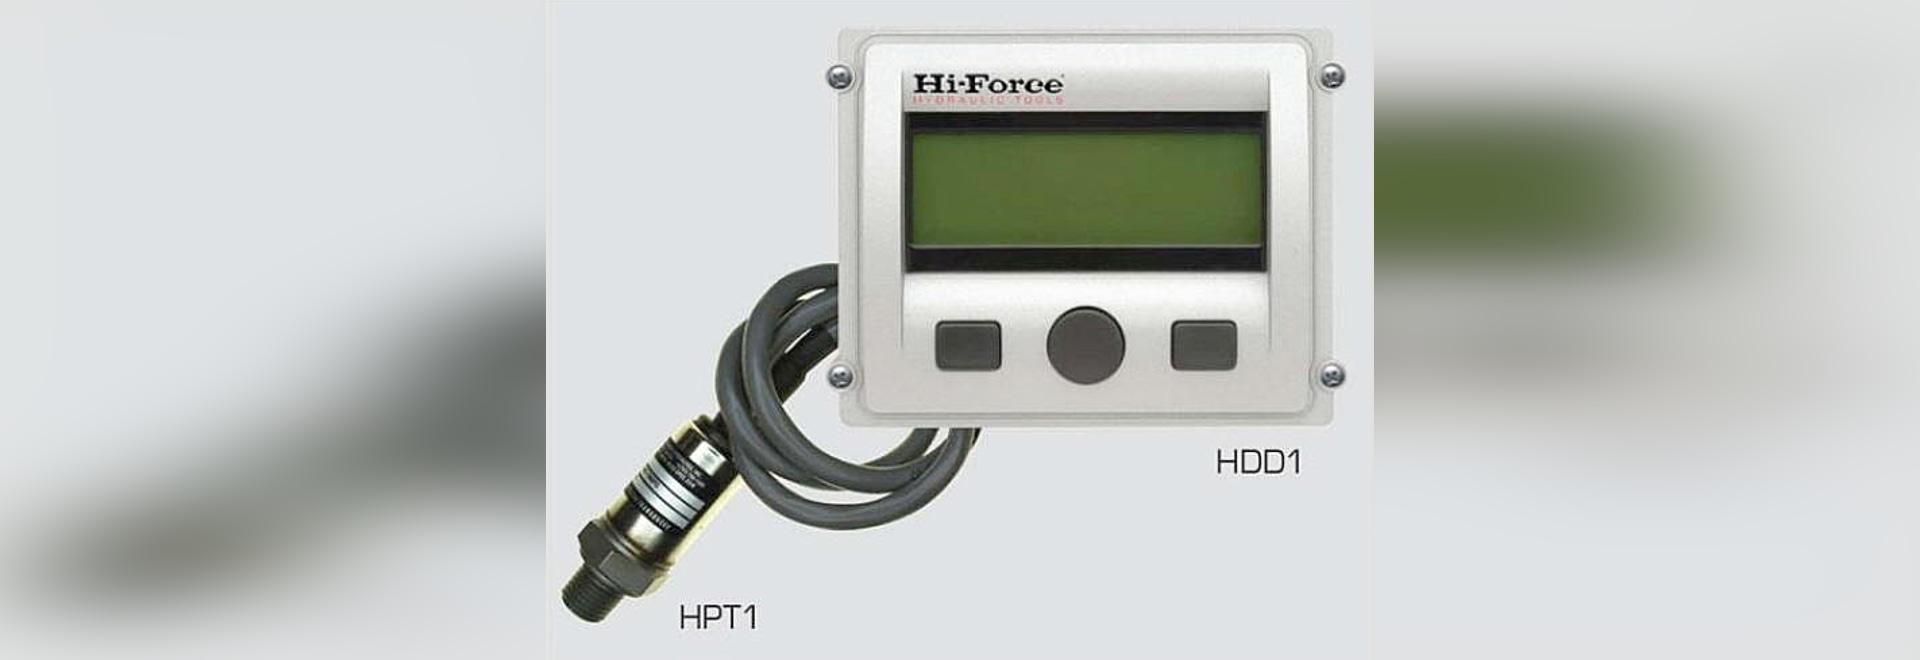 HDD1 - mesure numérique d'usage universel